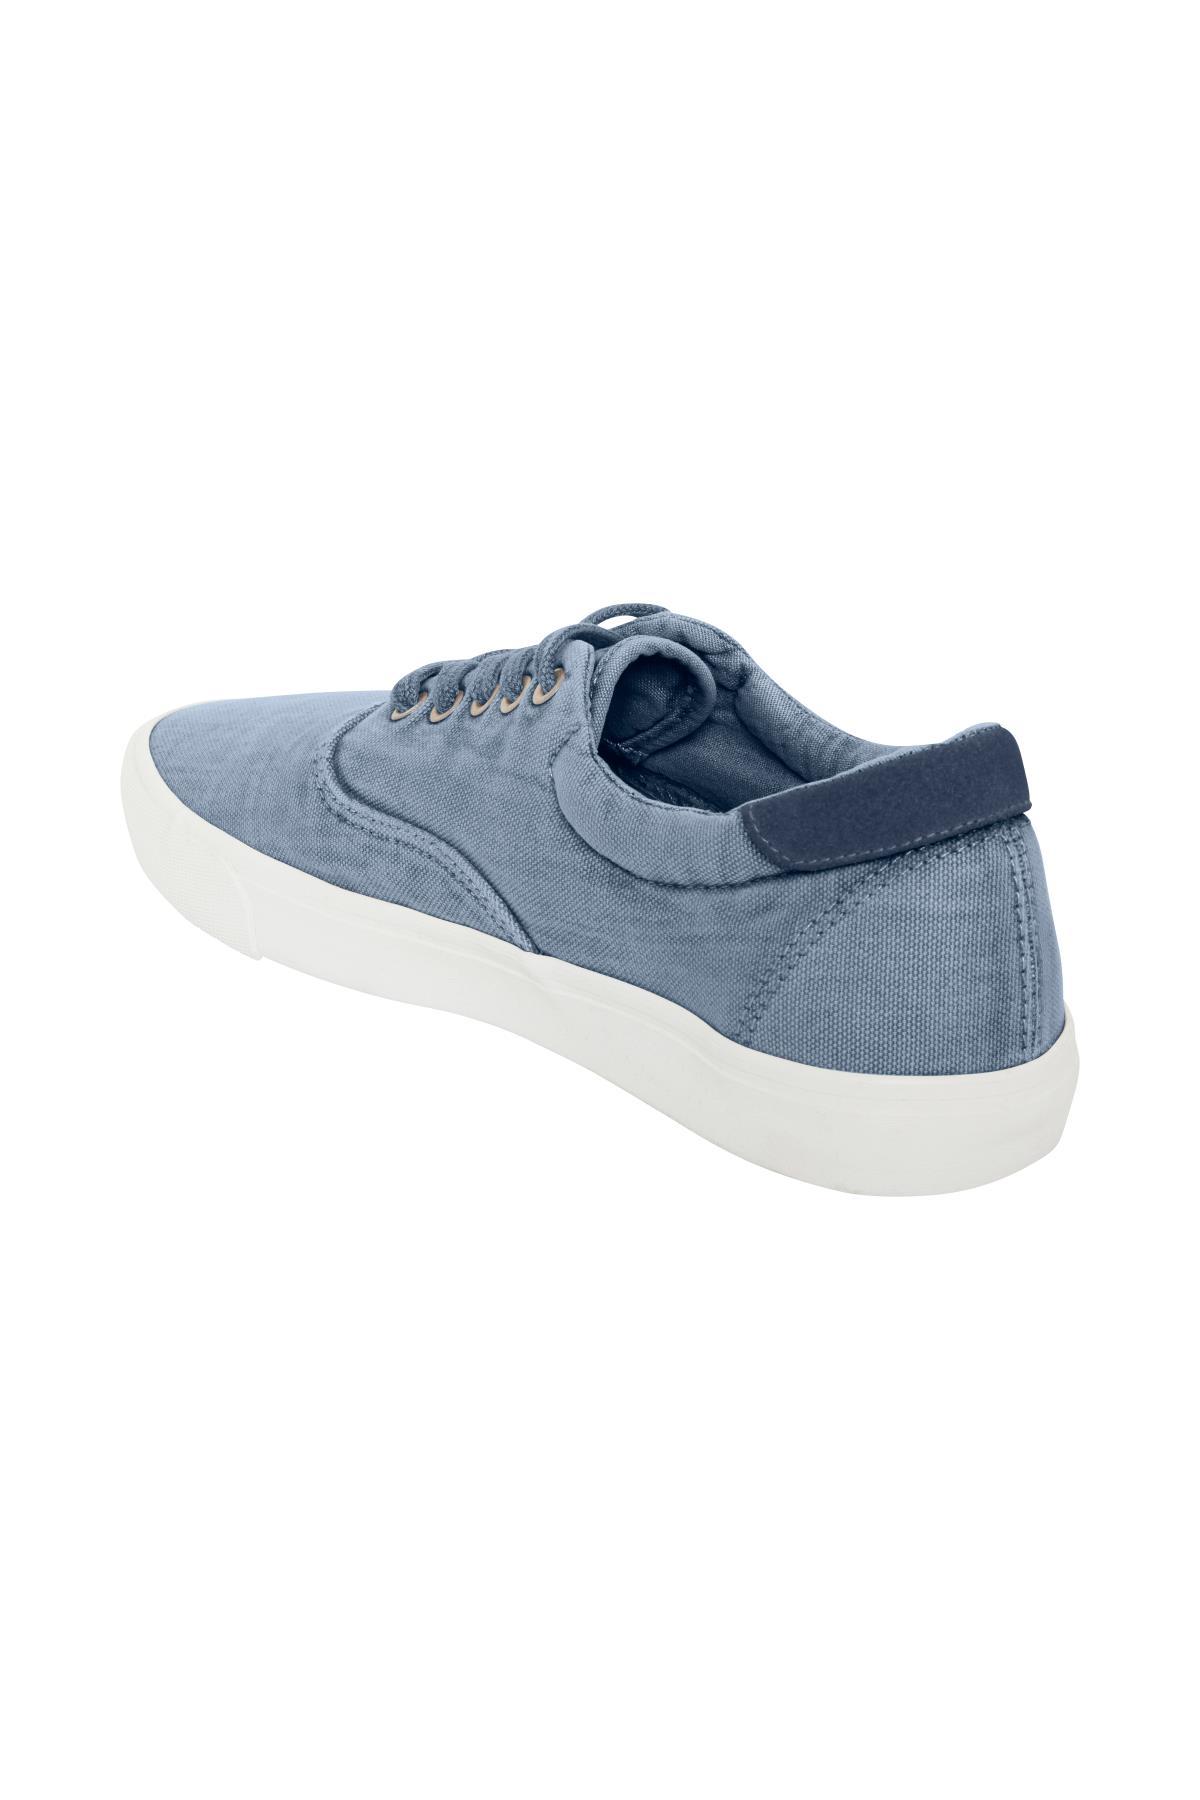 Marineblå Sko fra Blend He Shoes – Køb Marineblå Sko fra str. 40-46 her